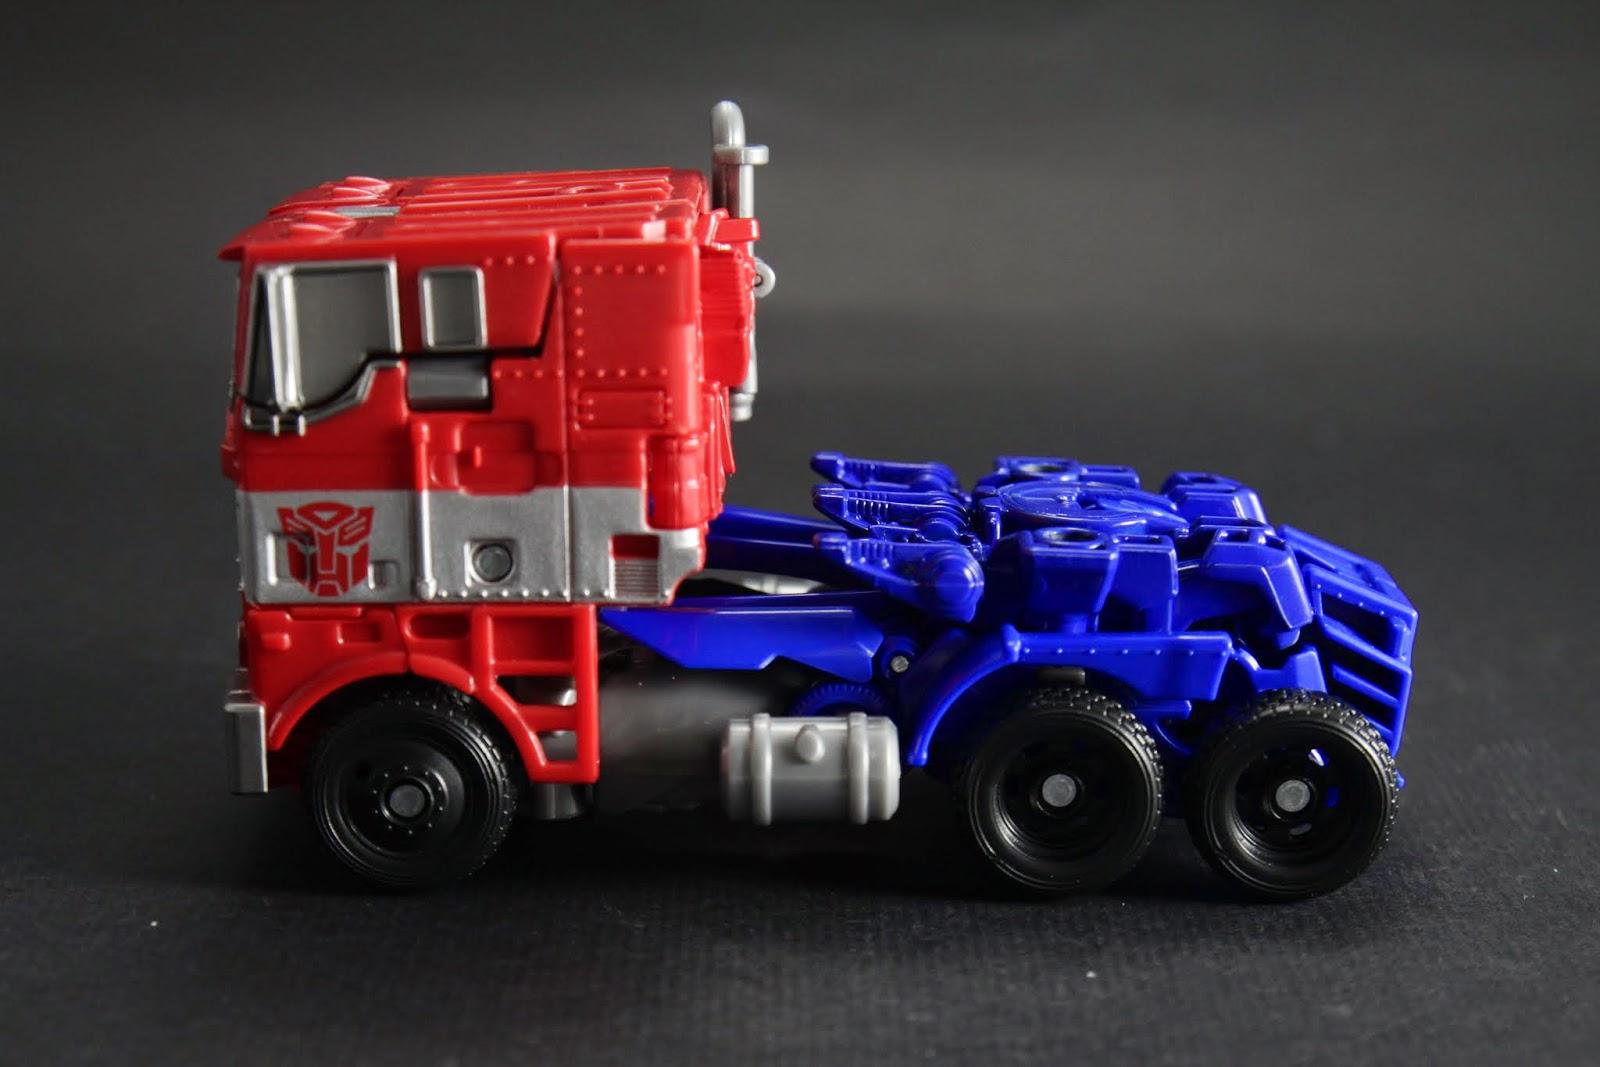 我還是覺得傳統方頭卡車比較好看